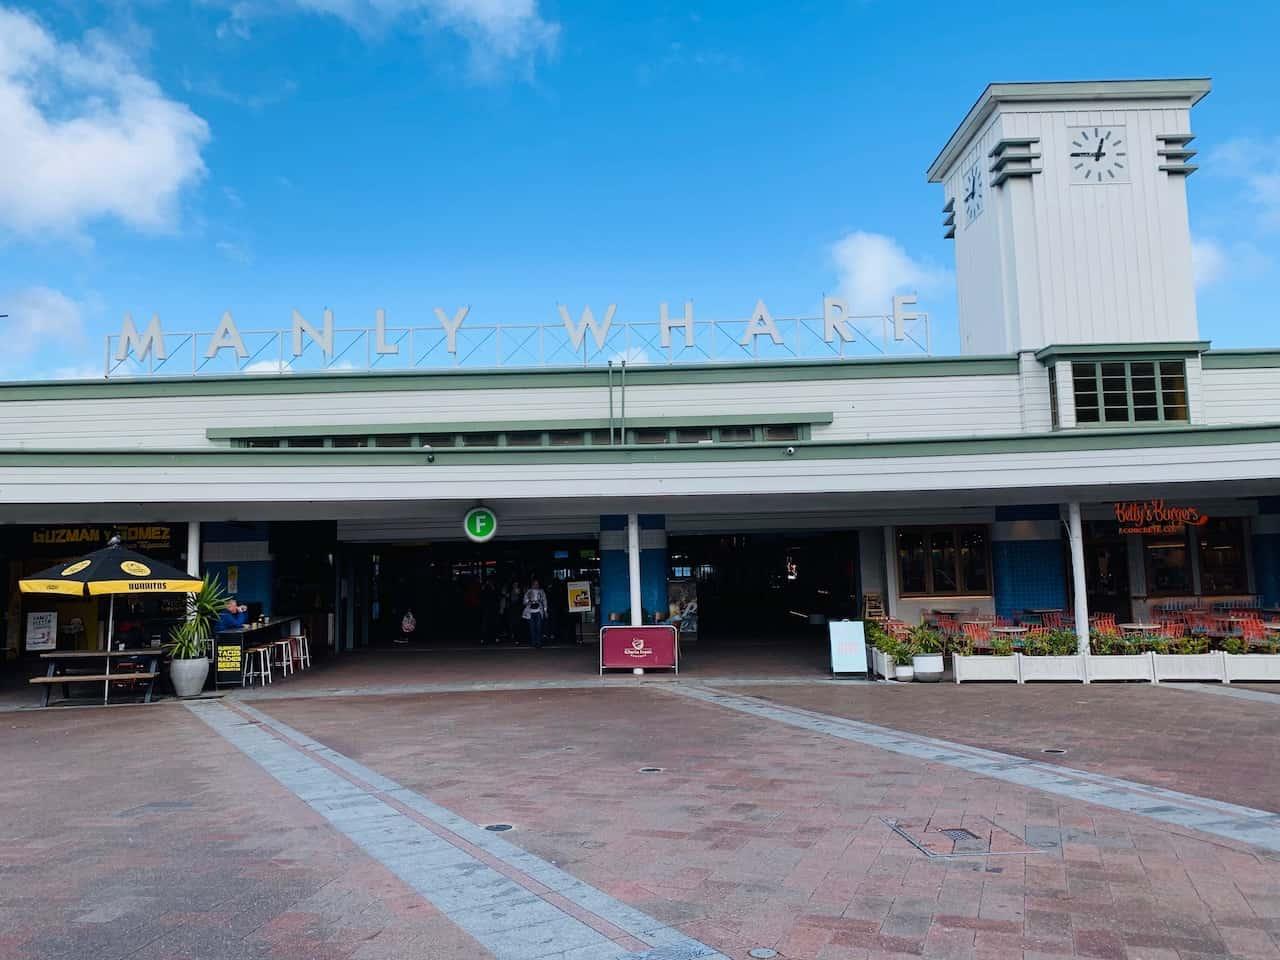 Manly Wharf Terminal